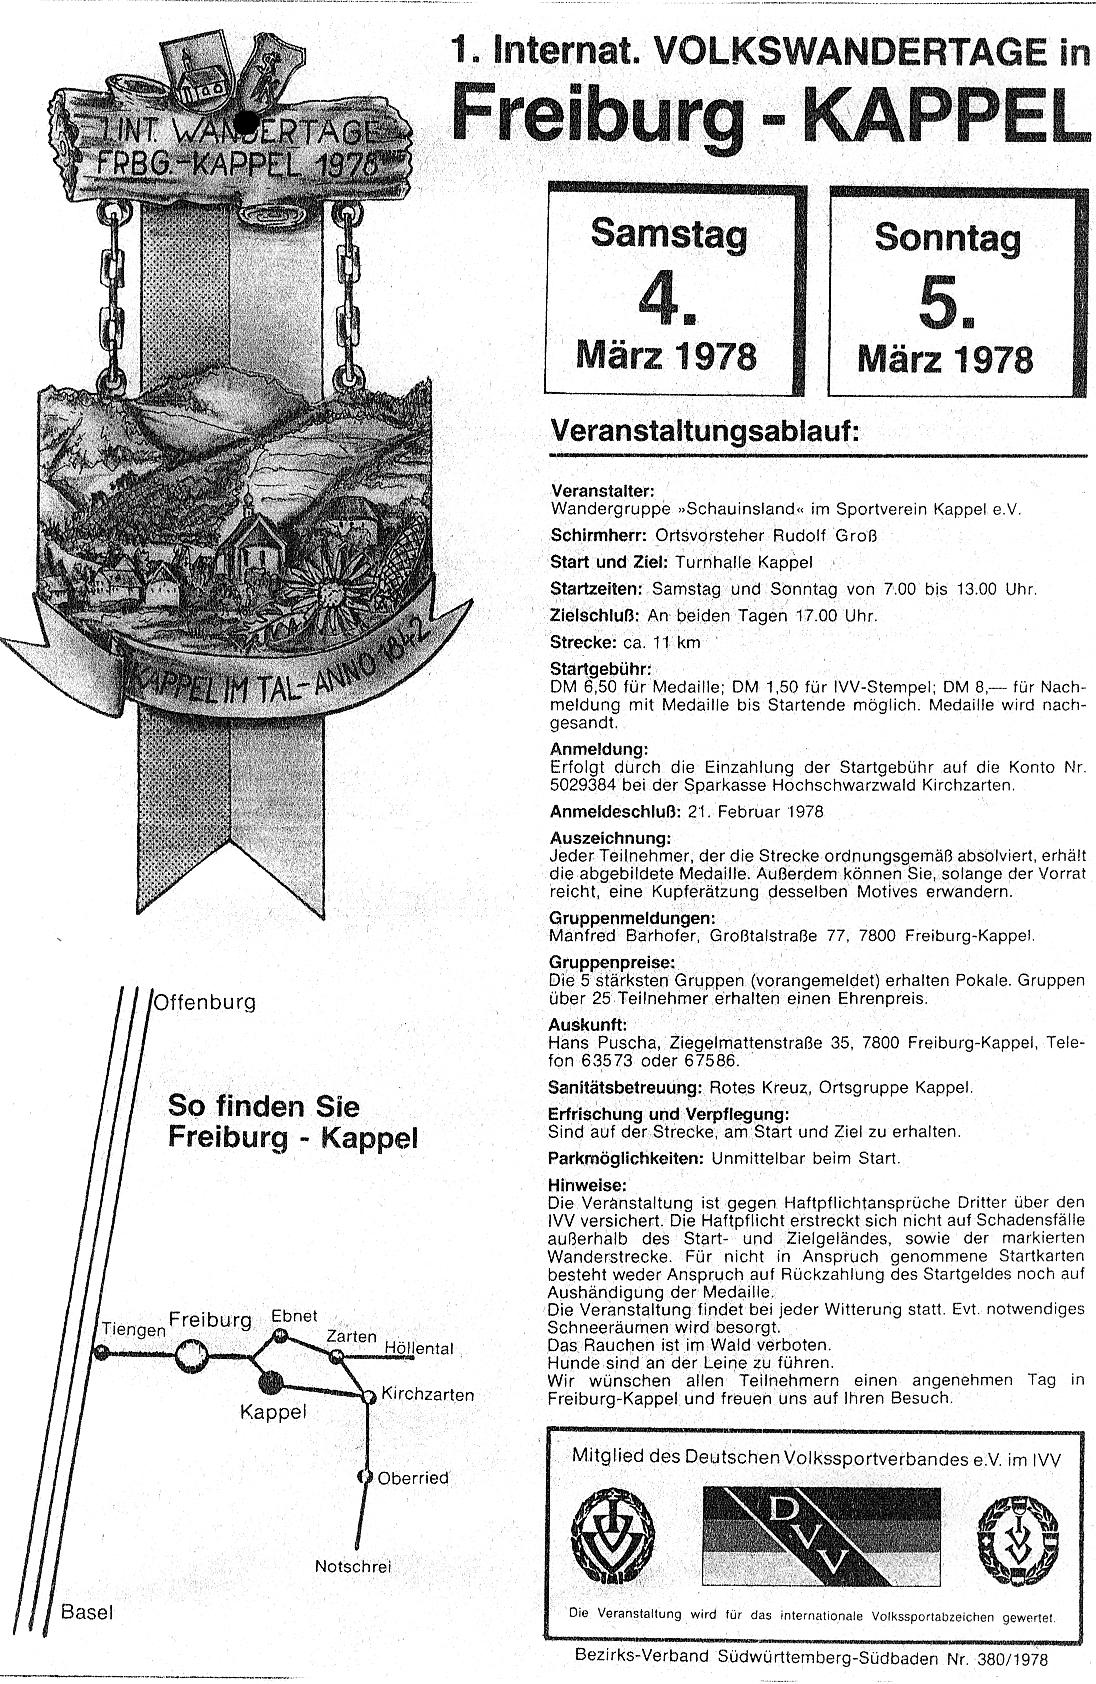 unser erster Wandertag 1978 in Freiburg-Kappel mit dem Sportverein Kappel zusammen